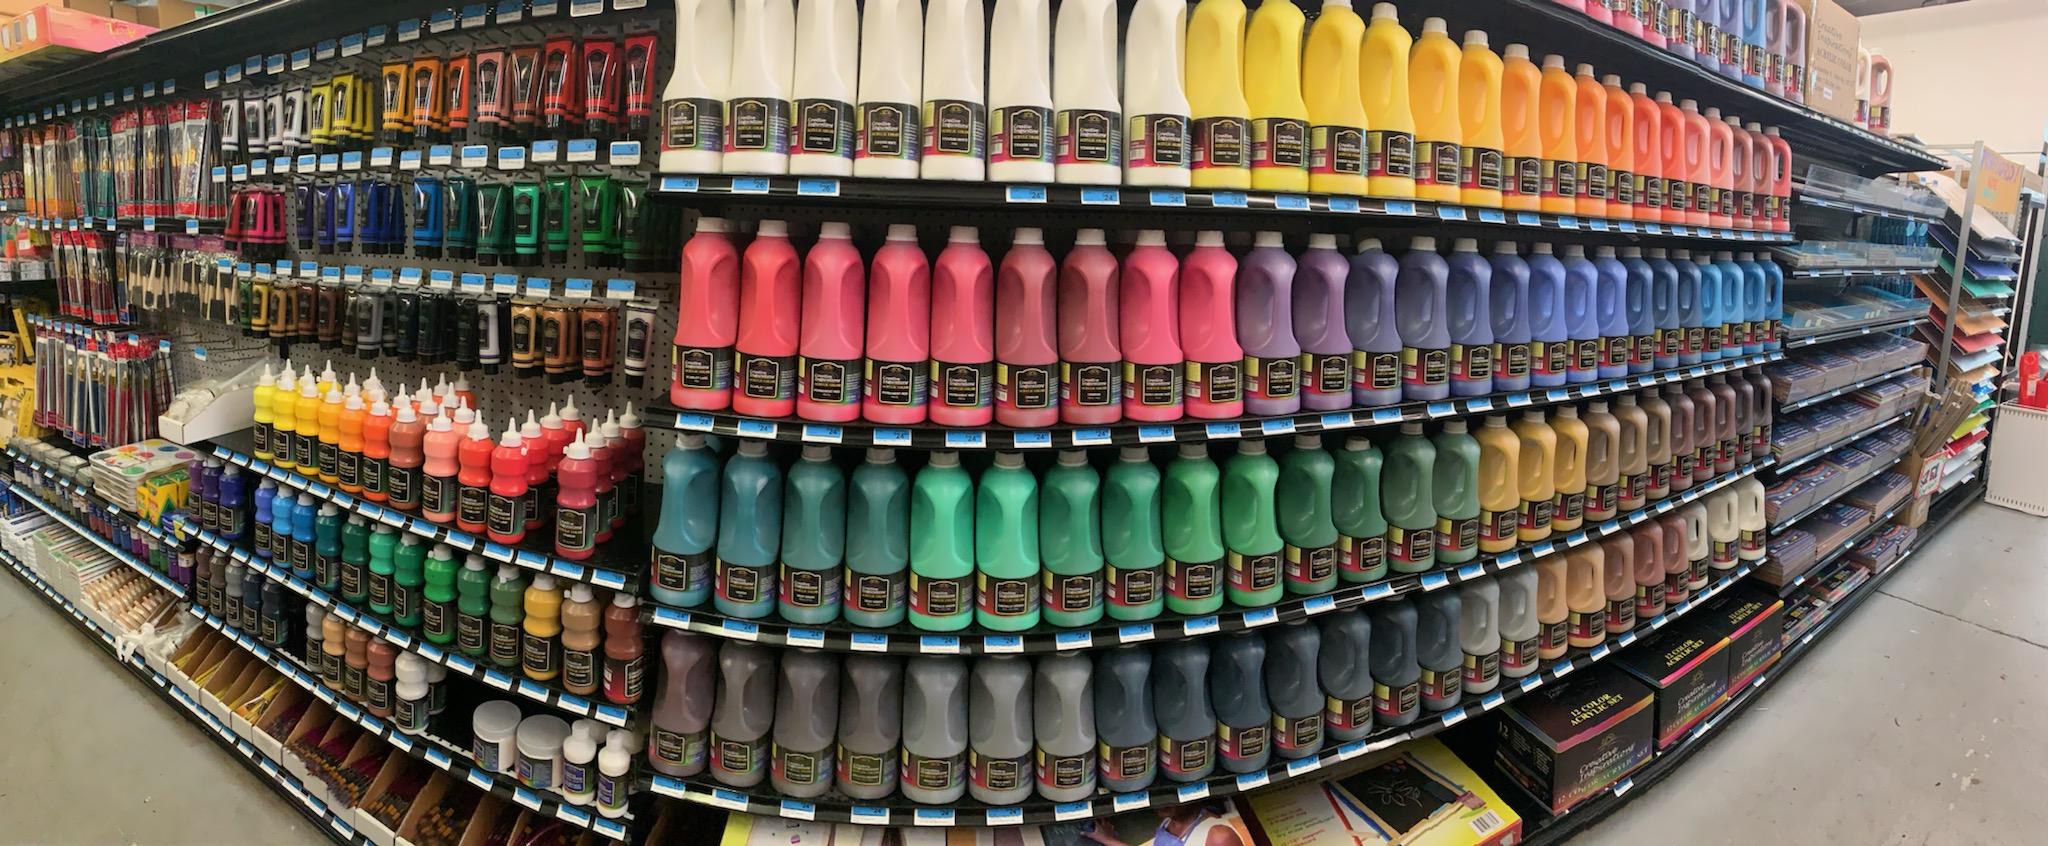 Well-Stocked art supplies